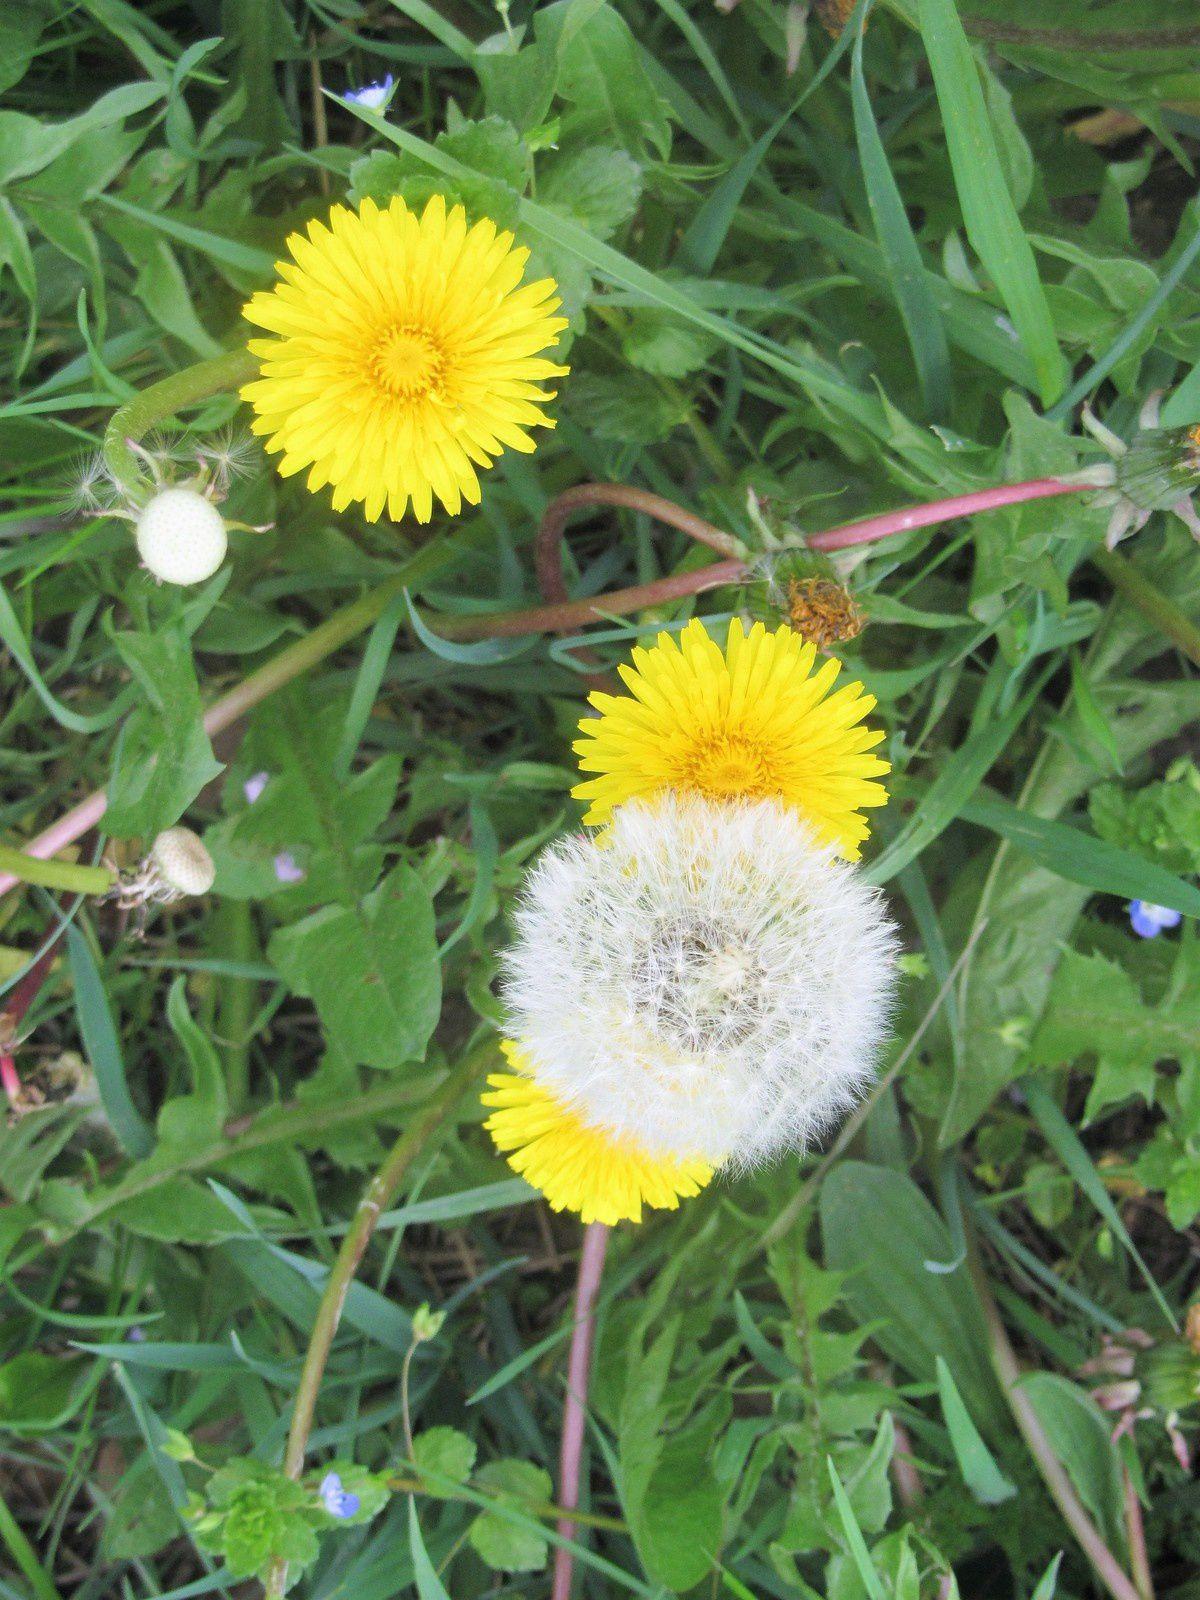 """Pas du tout rare, en cette saison : c'est le pissenlit. sa tache lumineuse éclaire les prairies. Et sa fleur montée en graine fait le bonheur des enfants. Elle est également devenu l'emblême du petit Larousse. Quoi de plus normal pour un dictionnaire de """"semer à tout vent"""""""